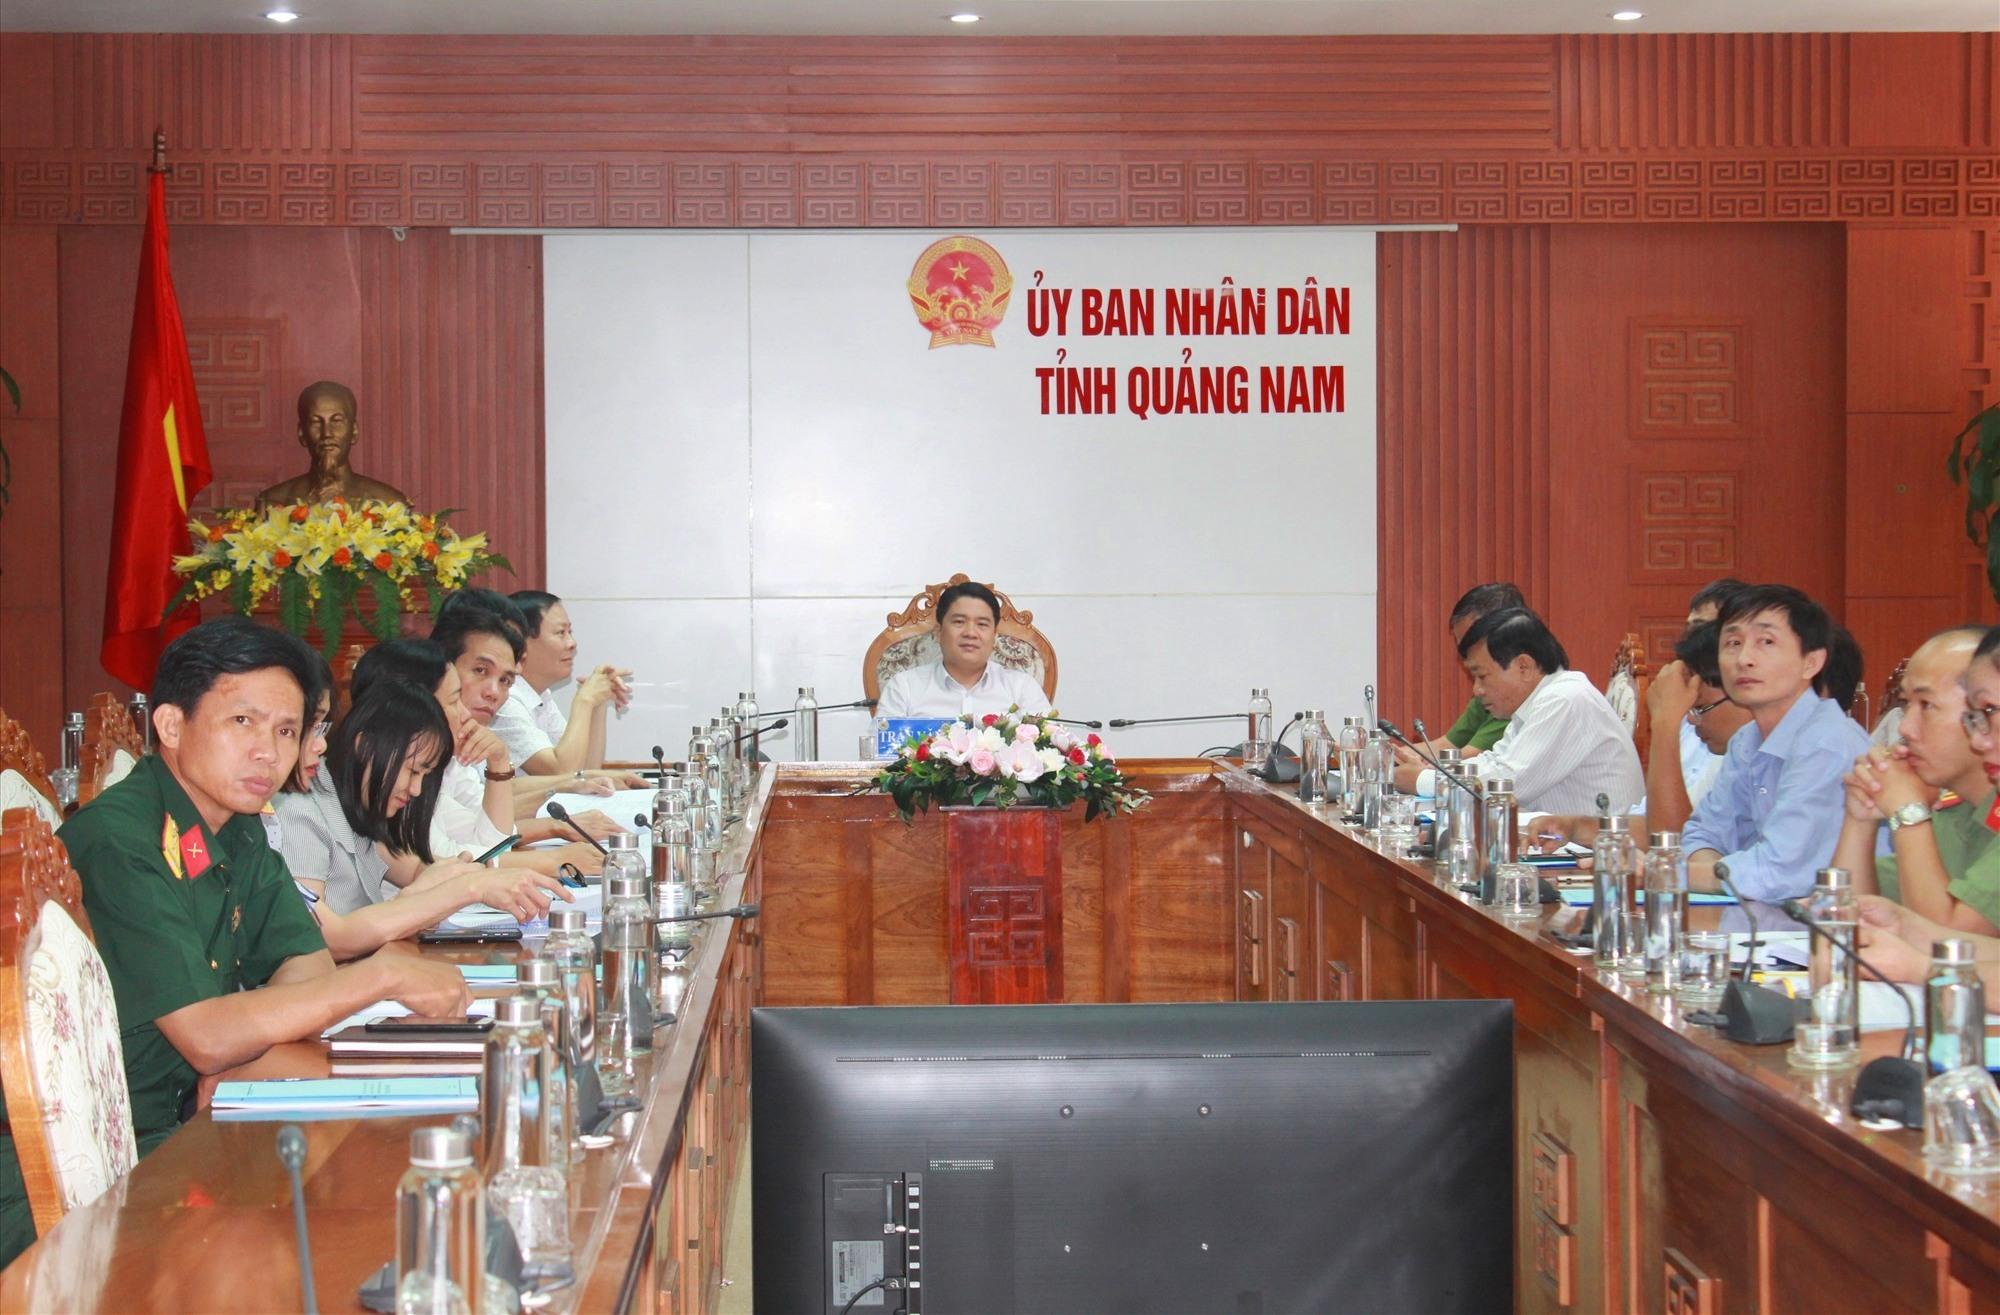 Phó Chủ tịch UBND tỉnh Trần Văn Tân chủ trì điểm cầu trực tuyến tại UBND tỉnh. Ảnh: T.C